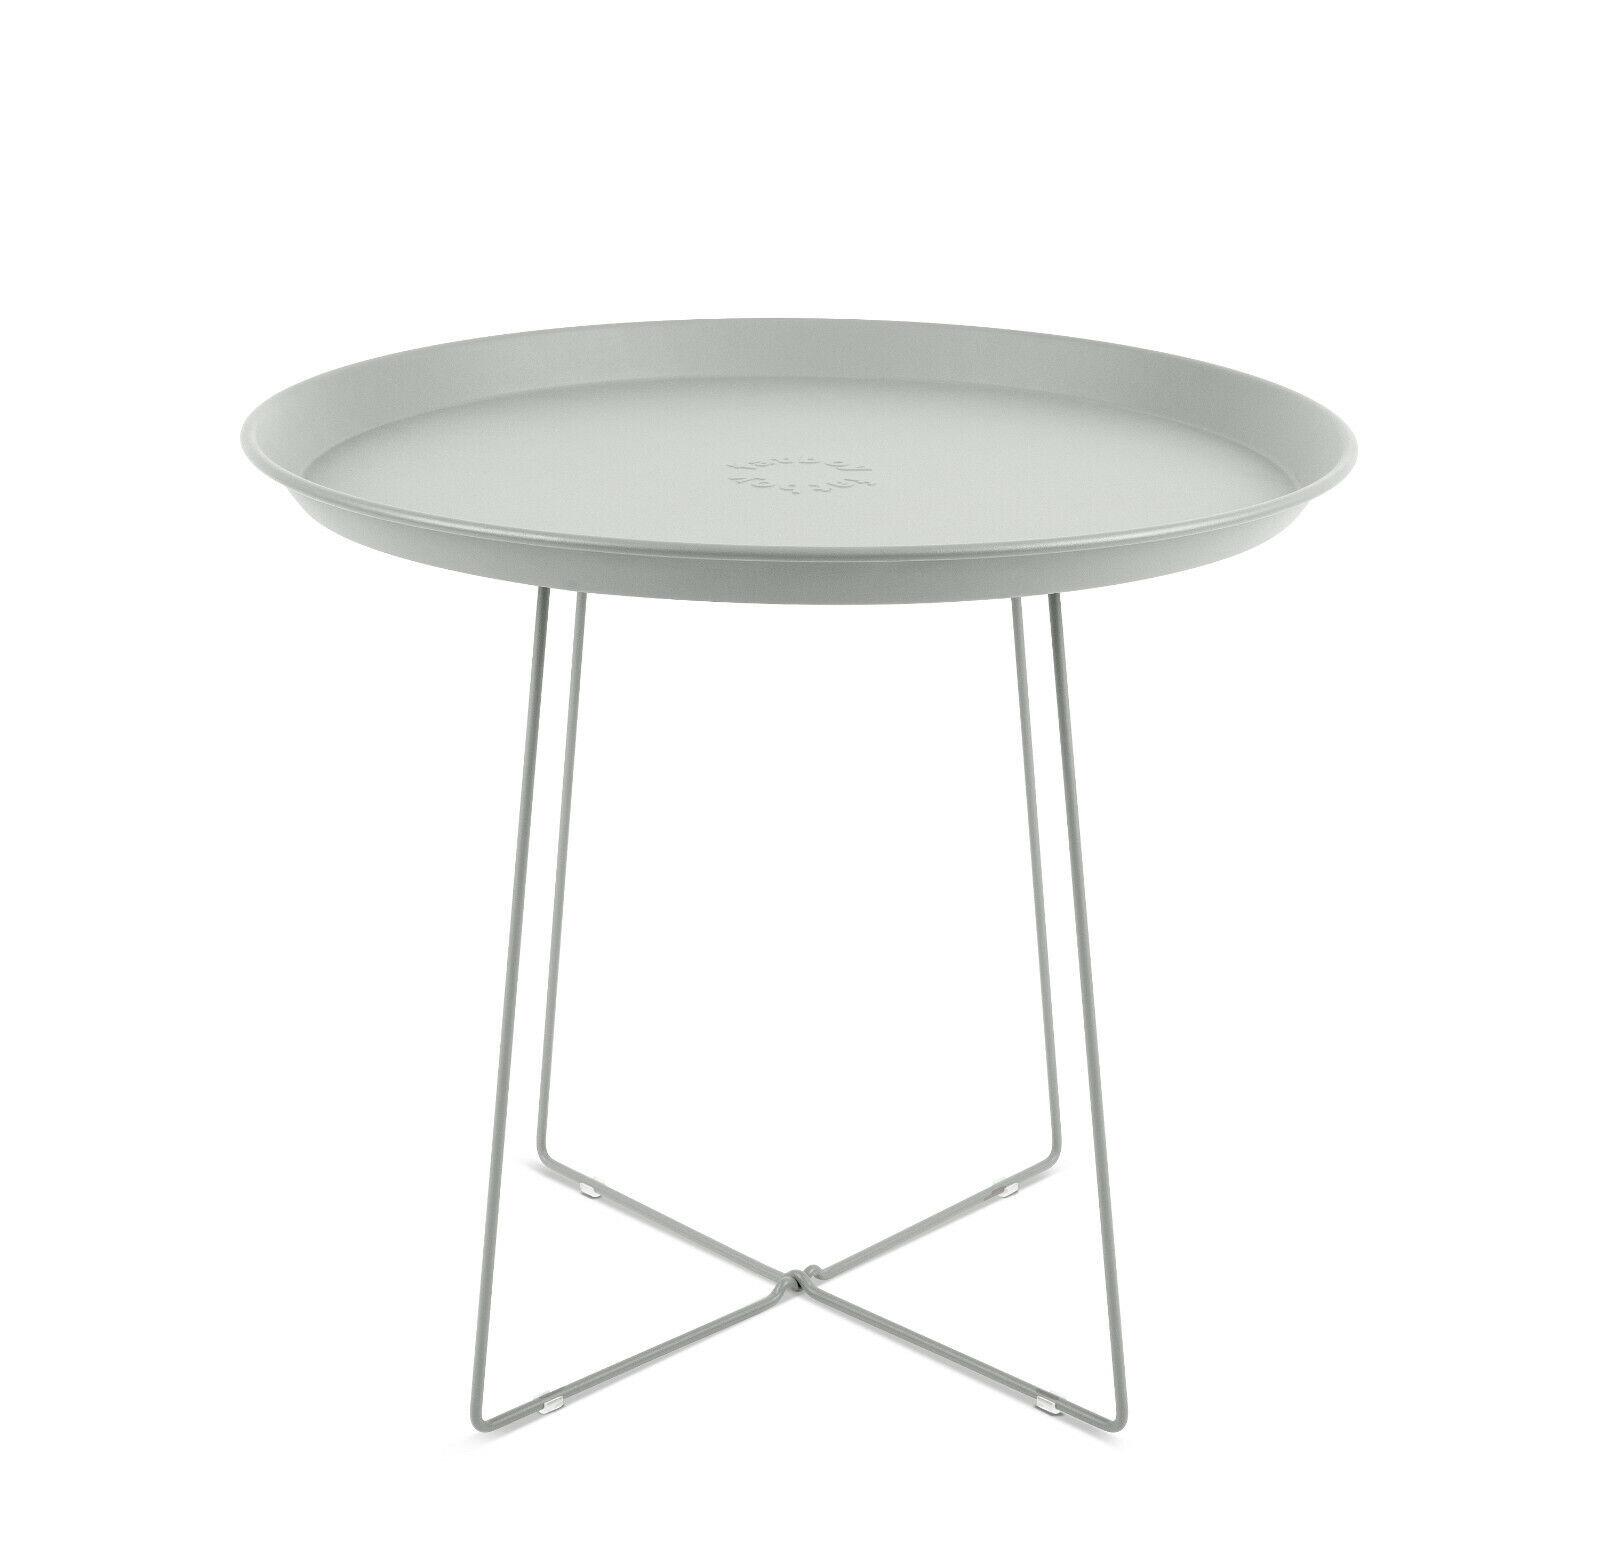 Fatboy plat-o mesa auxiliar y Tablet gris claro d 56 cm h 46 cm en-y Outdoor